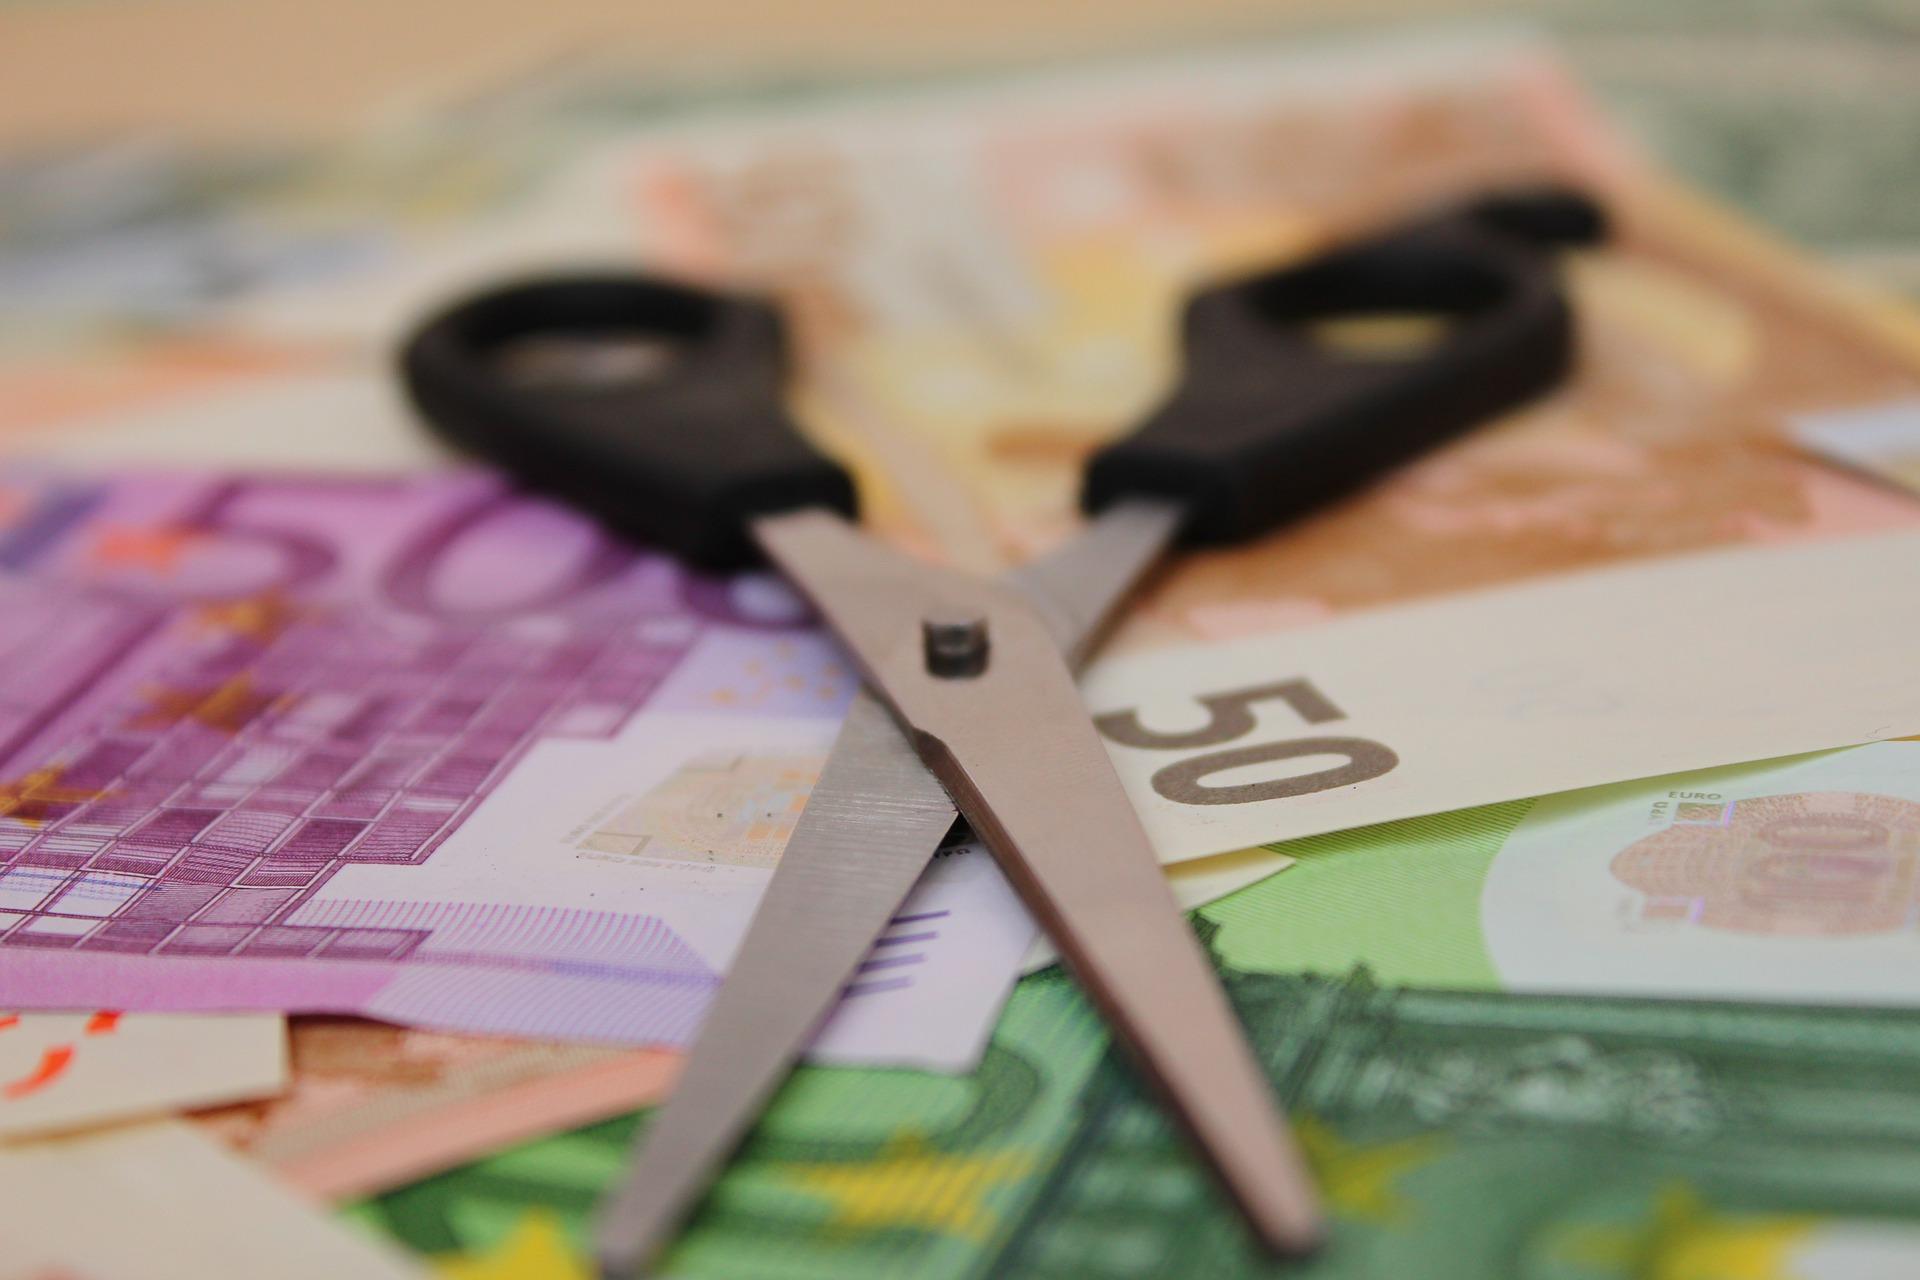 ЕУ: Слаб напредак Србије у борби против корупције